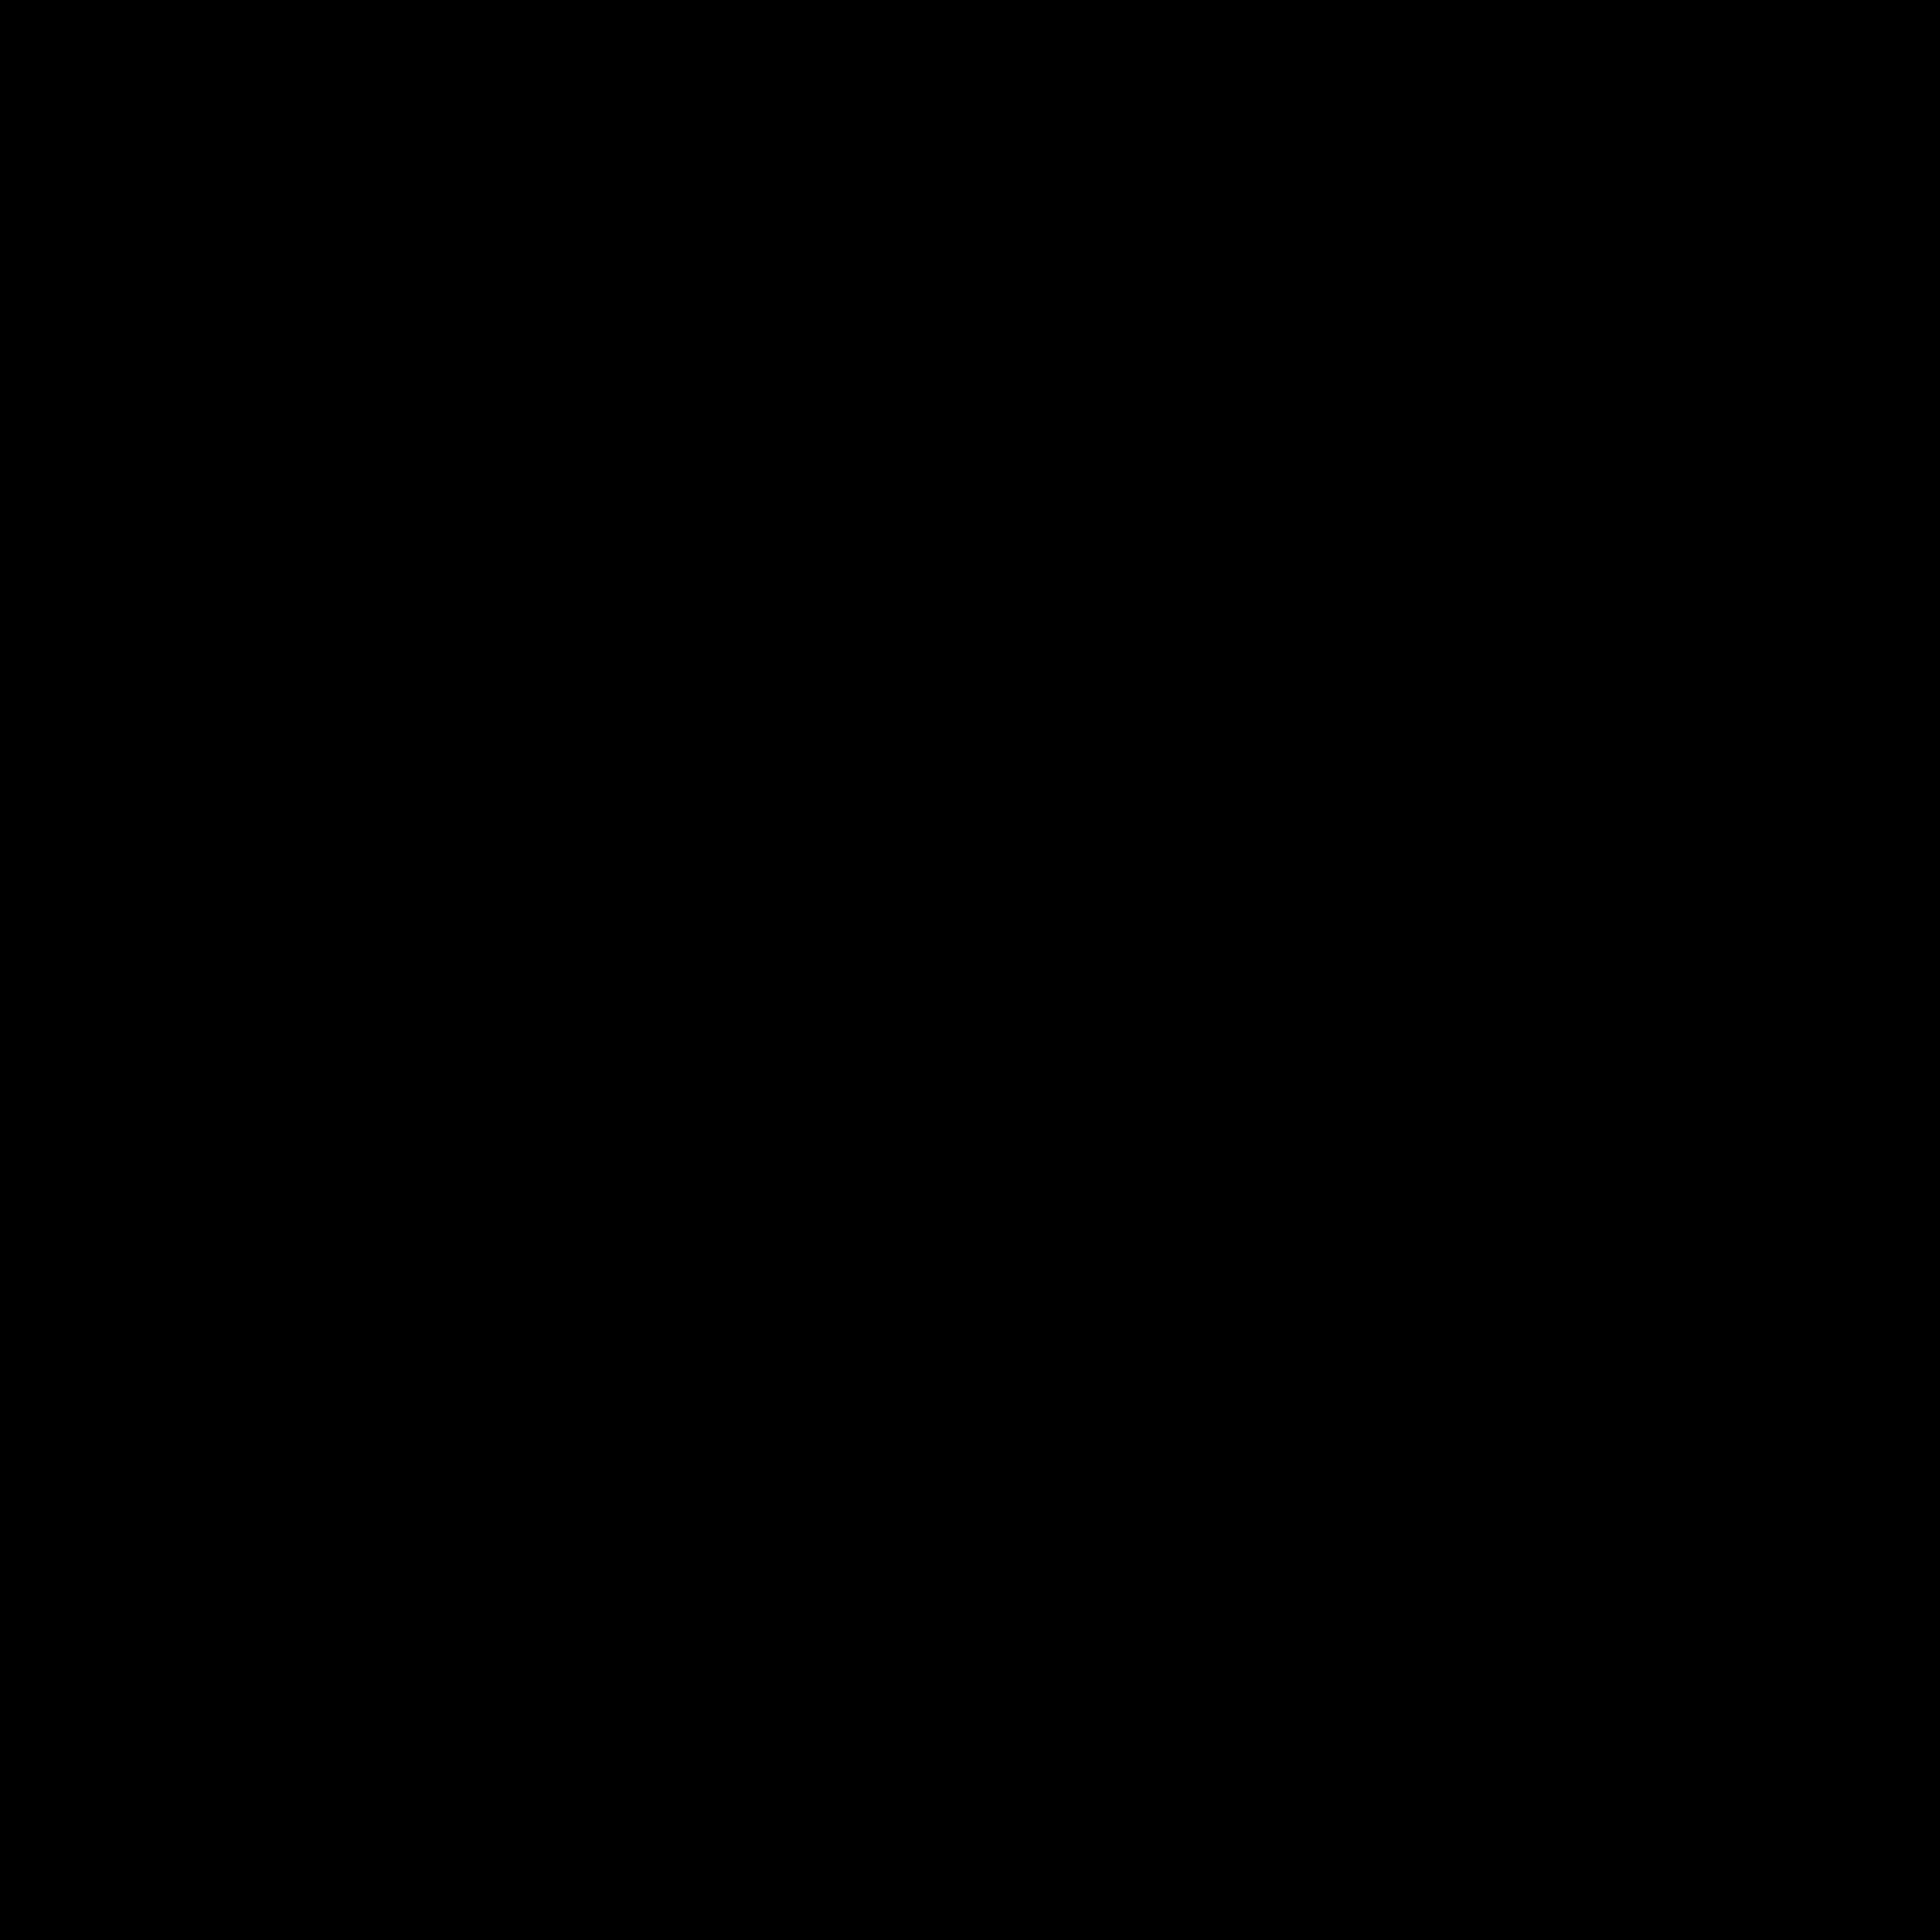 ascnd icon